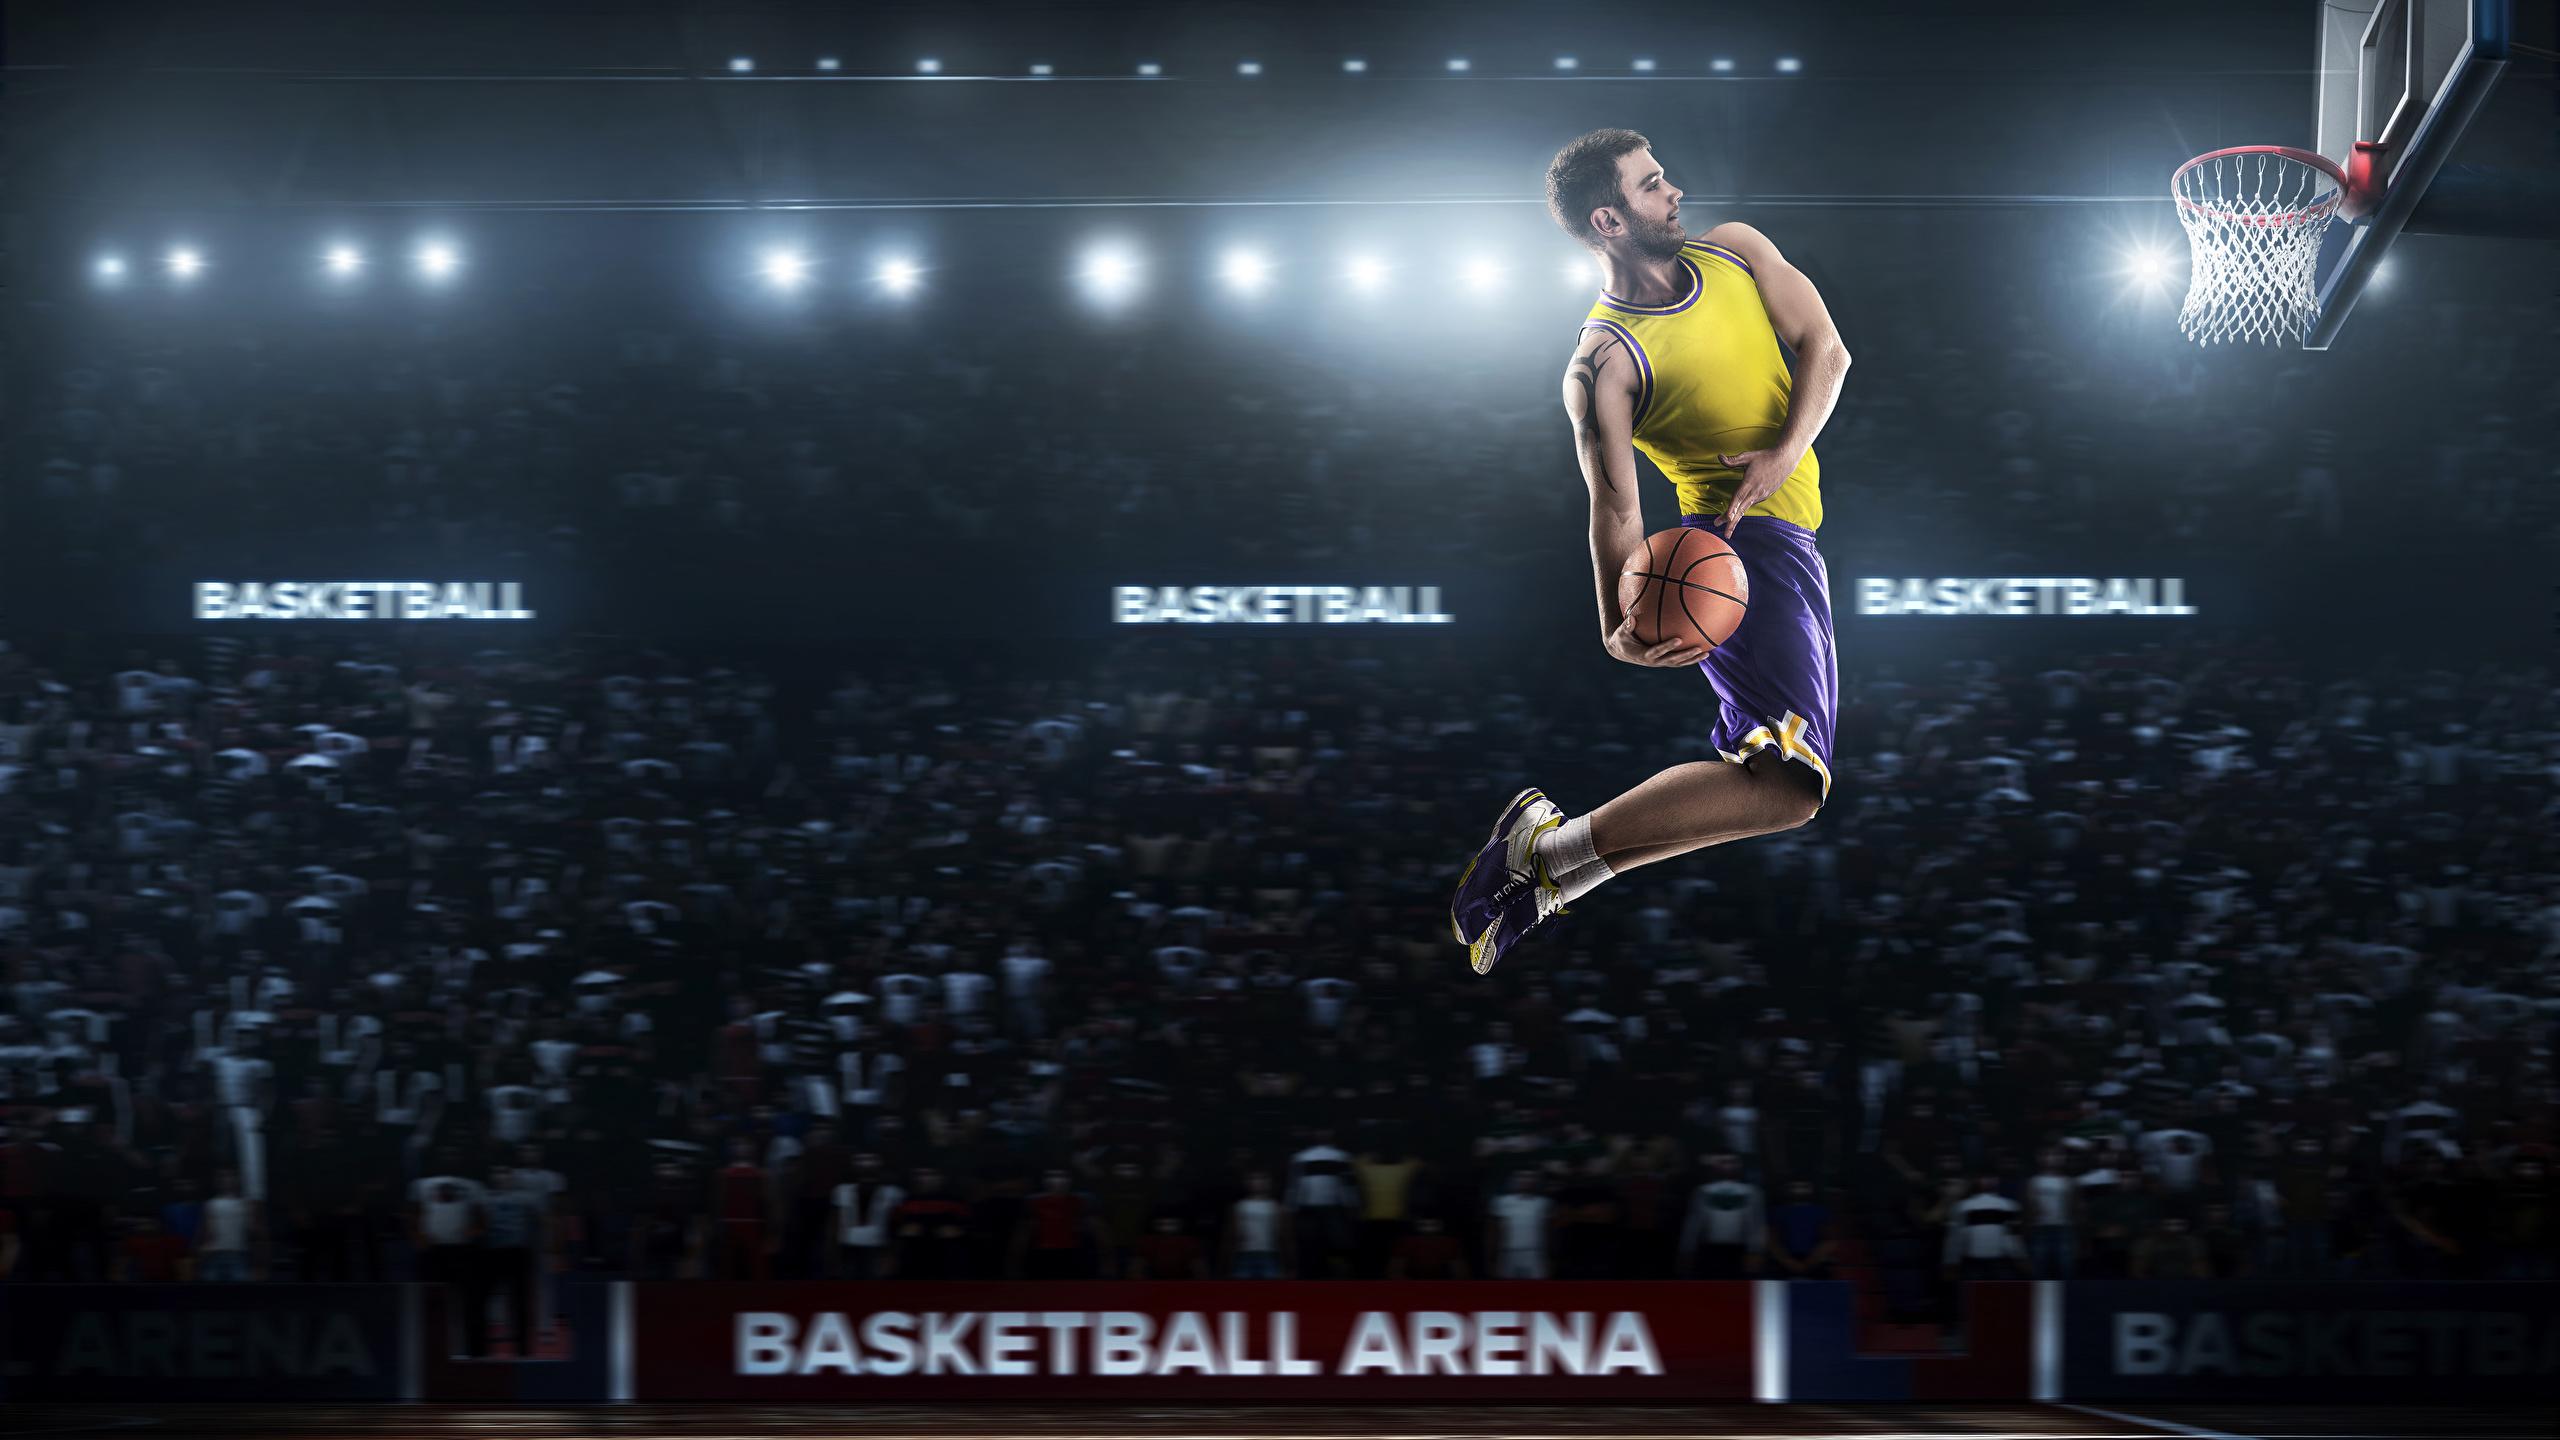 壁紙 2560x1440 バスケットボール 男性 スポーツボール 飛び